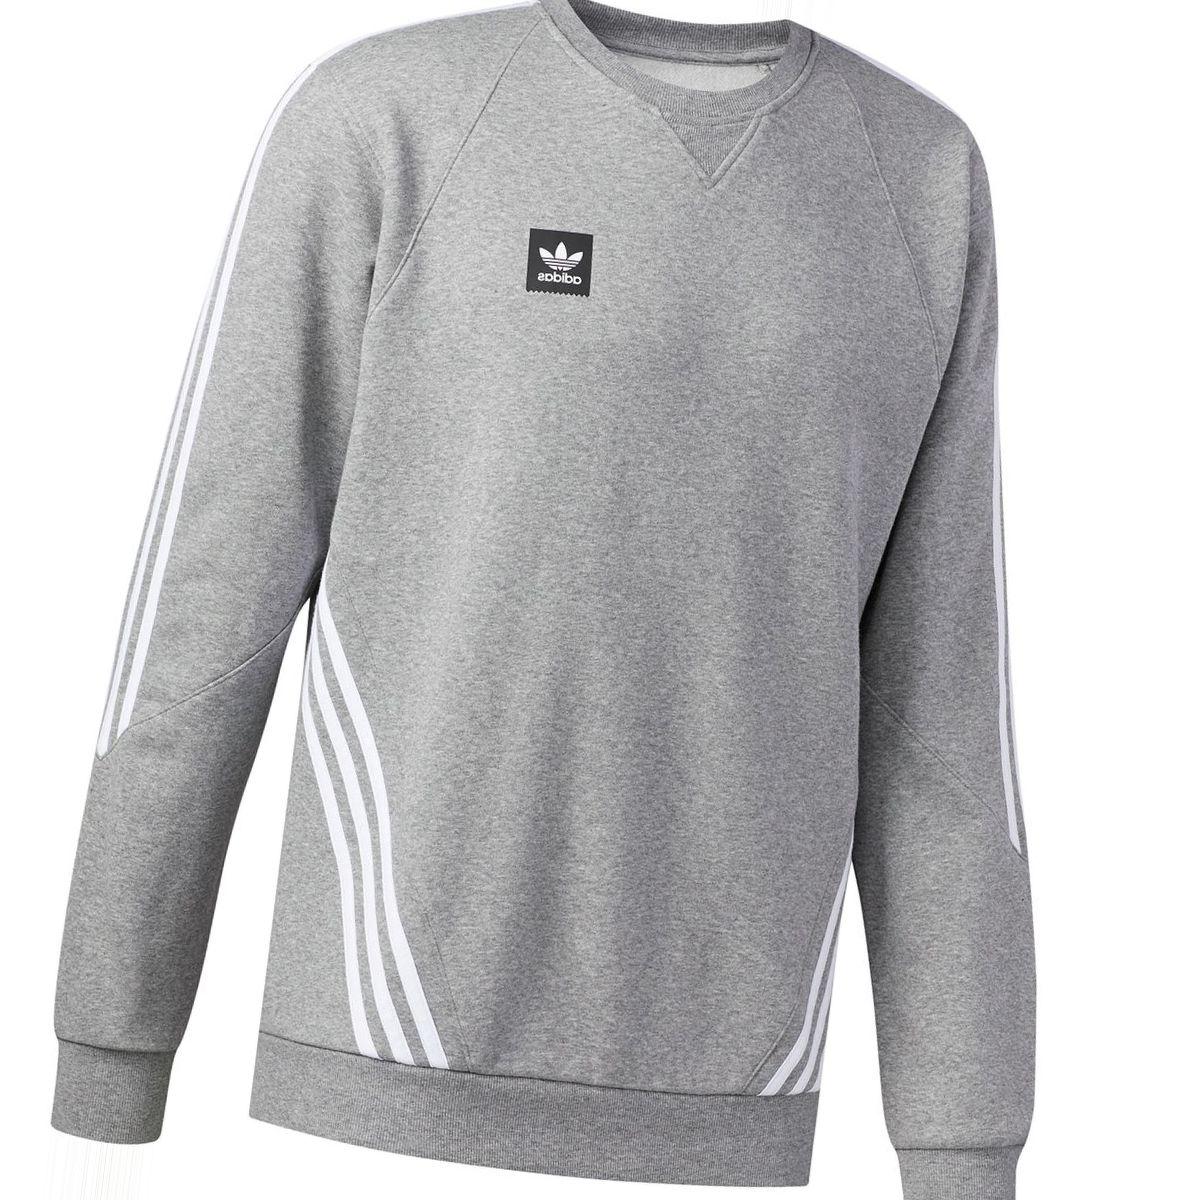 Adidas Insley Crew Sweatshirt - Men's